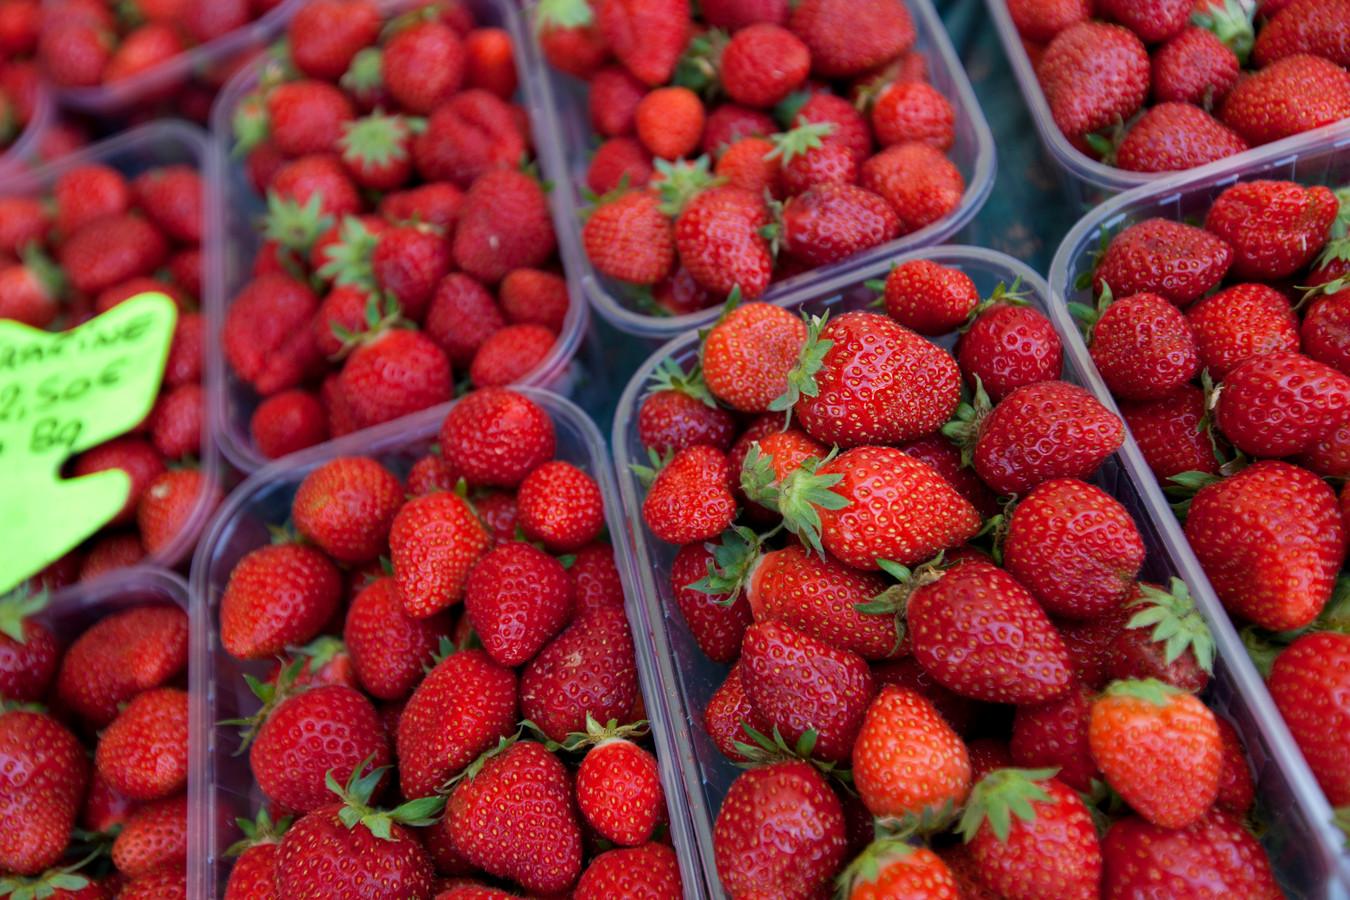 stockadr stockpzc aardbeien markt aardbei